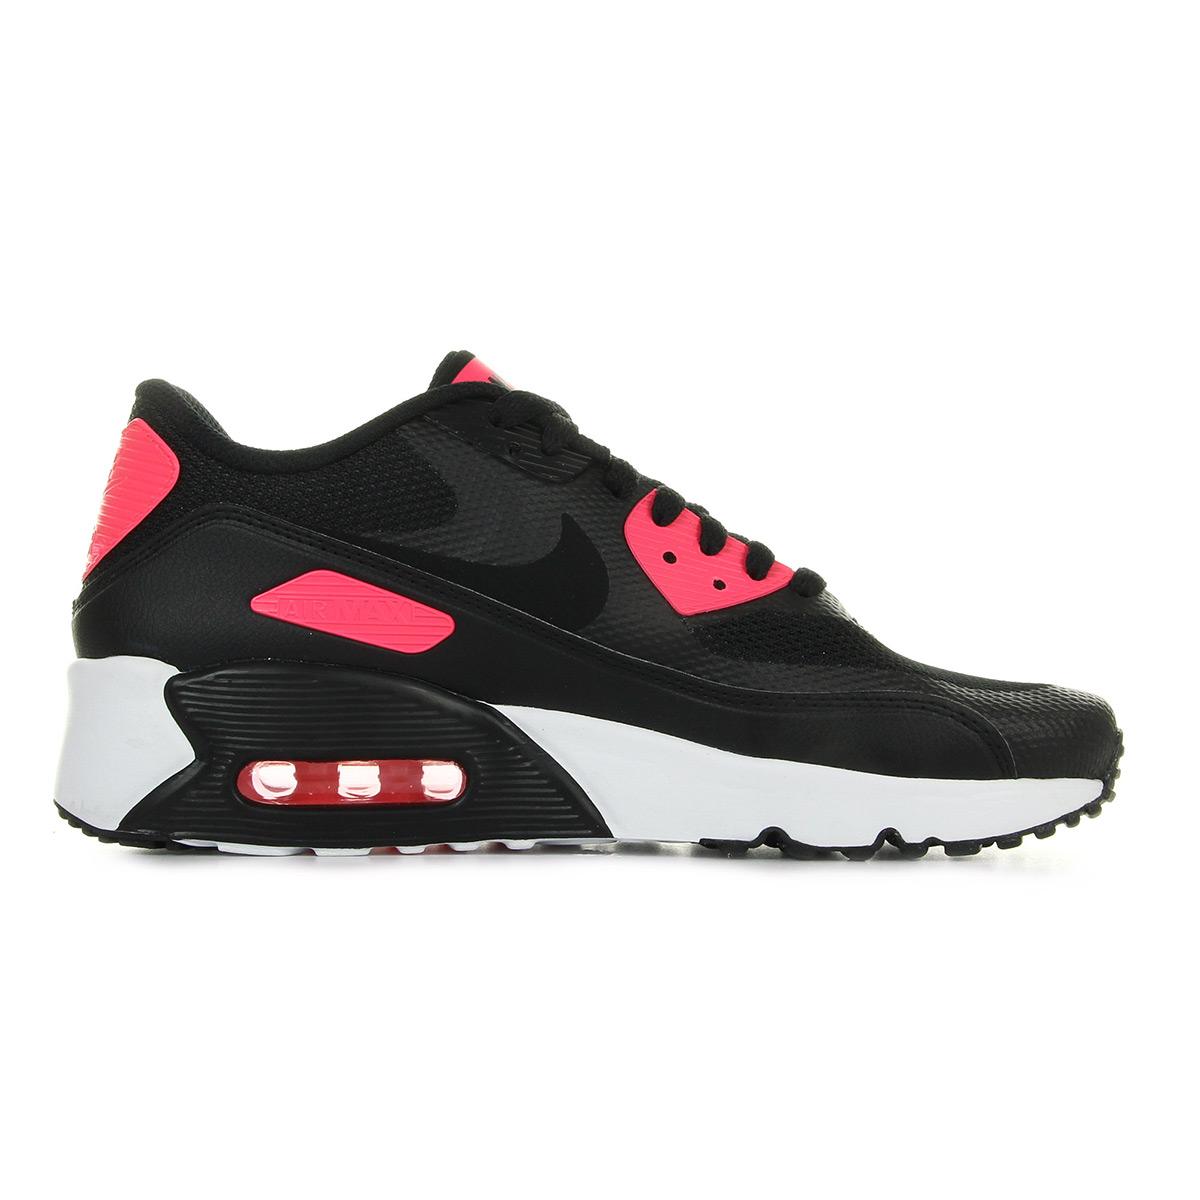 Nike Air max 90 Ultra 2.0 Gg 869951002, Baskets mode femme